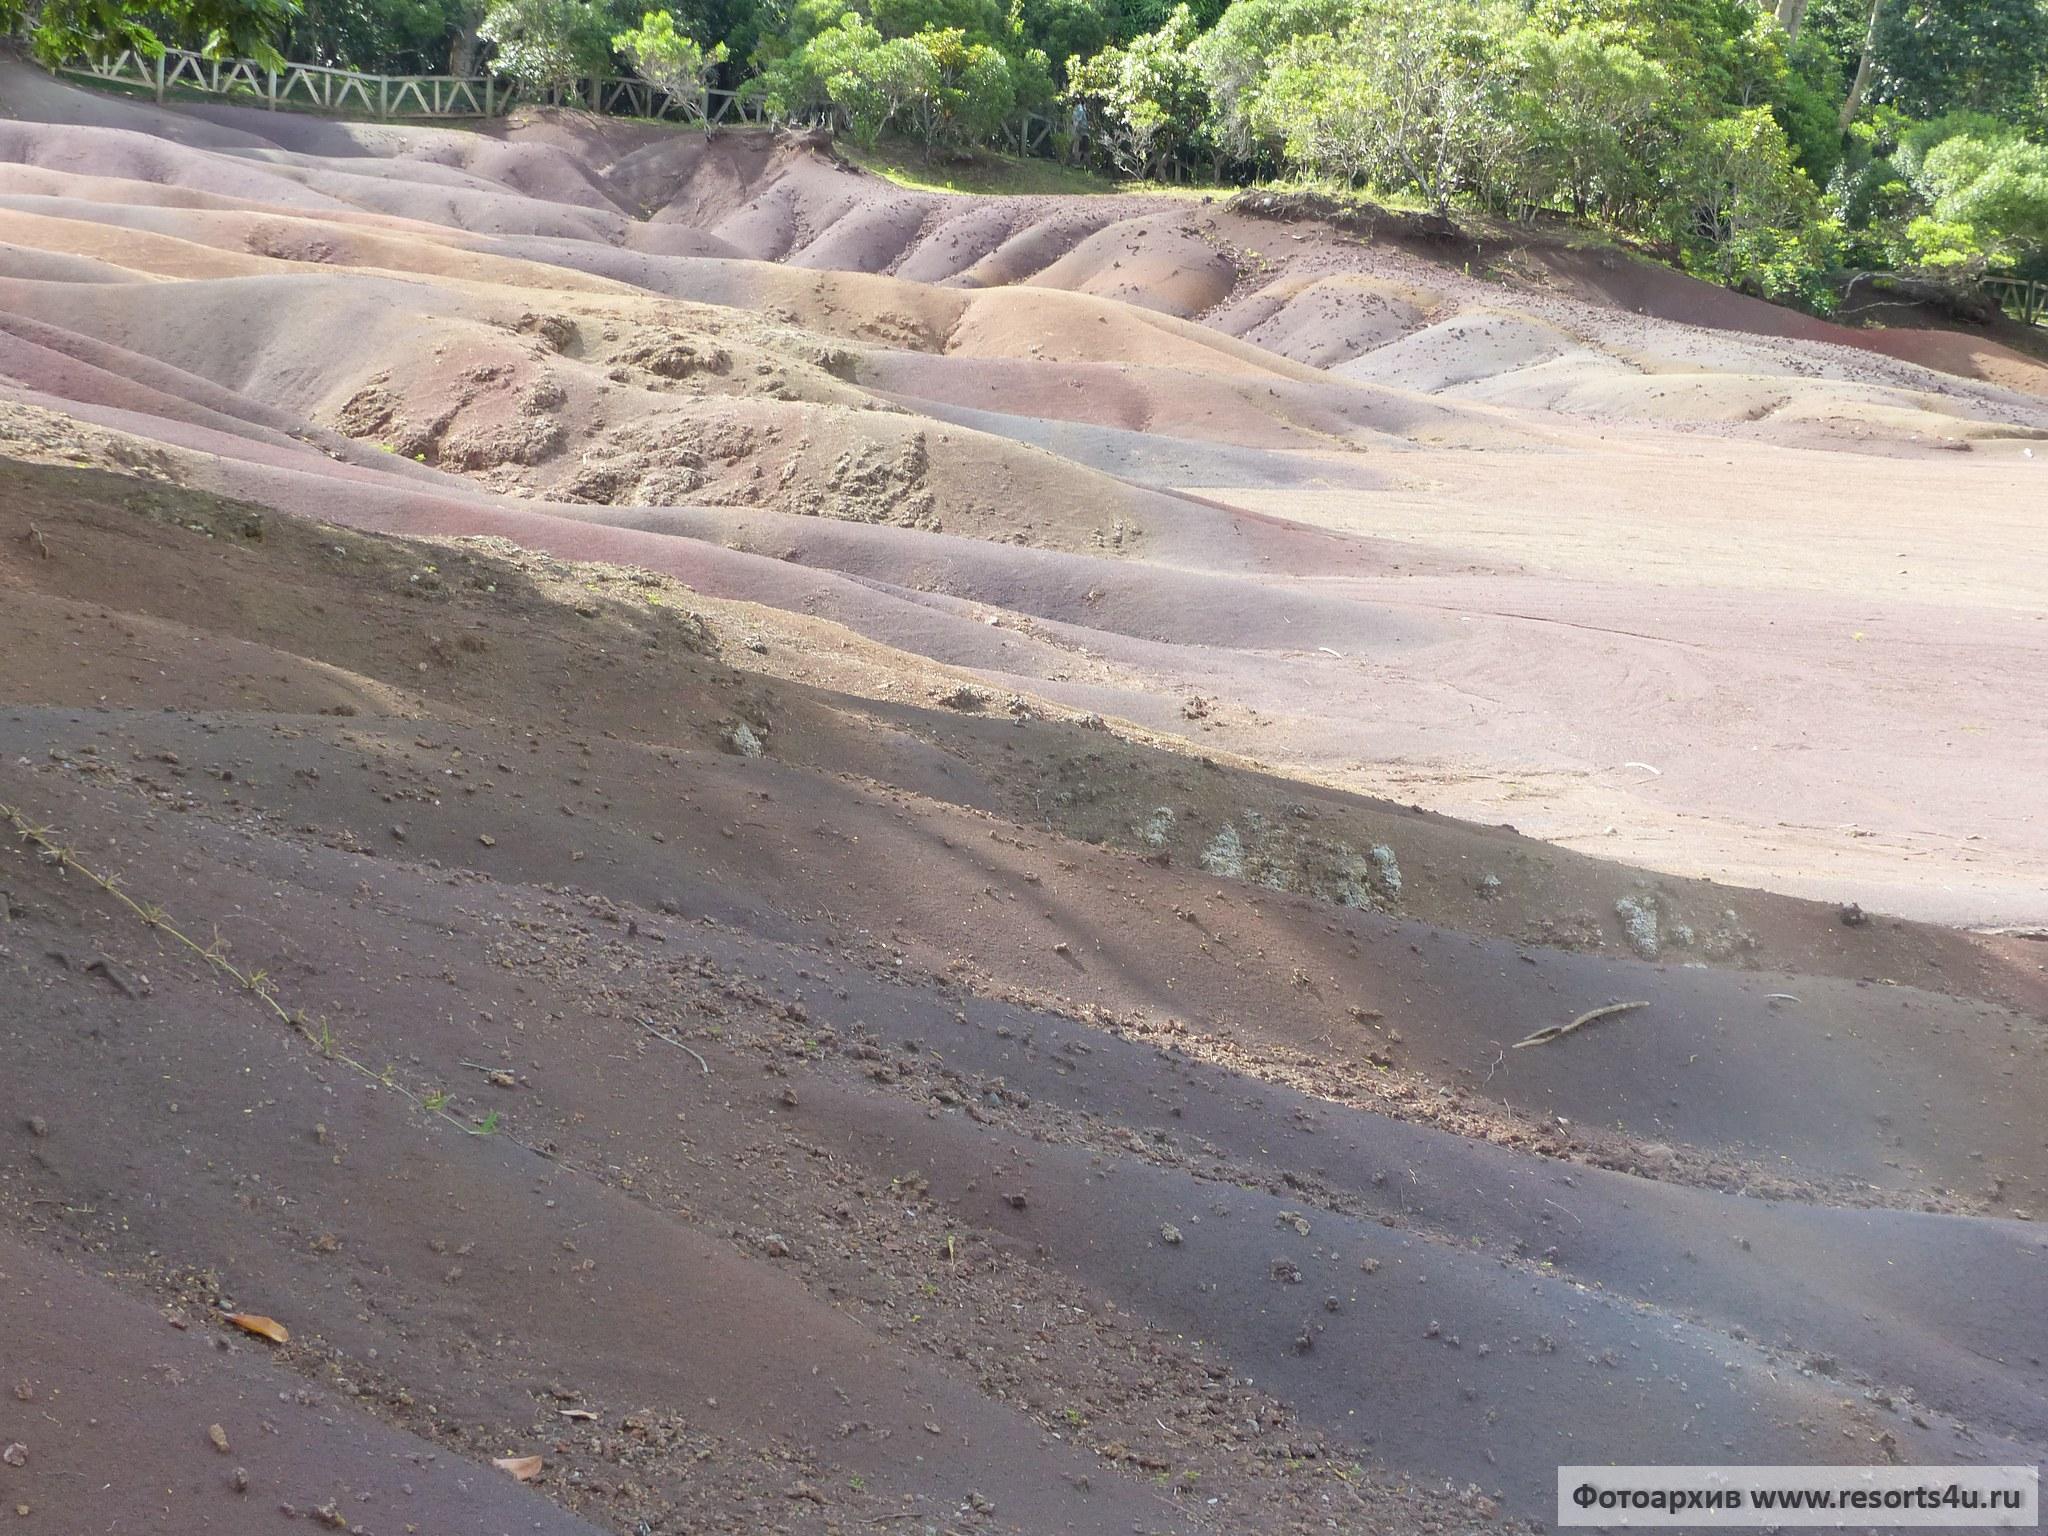 Маврикий: Шамарель, природный парк «Земли семи цветов»